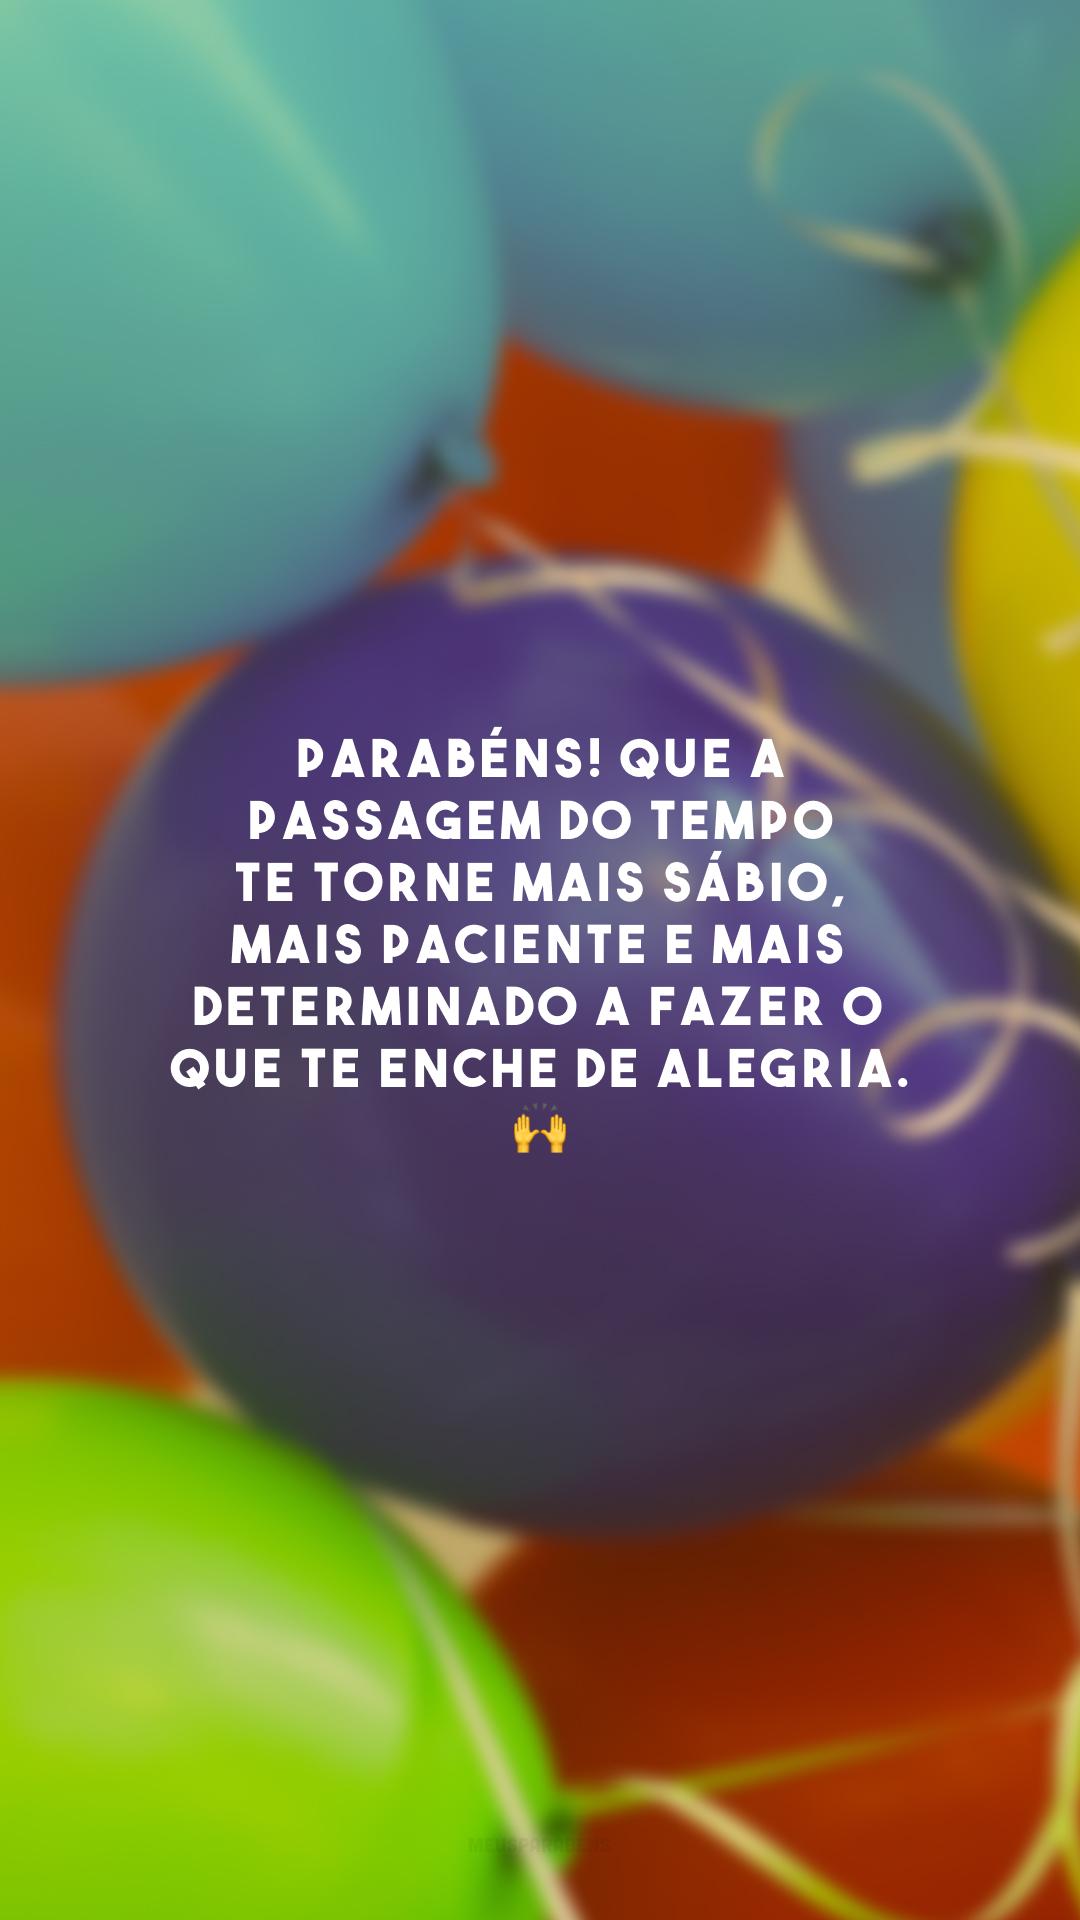 Parabéns! Que a passagem do tempo te torne mais sábio, mais paciente e mais determinado a fazer o que te enche de alegria. 🙌